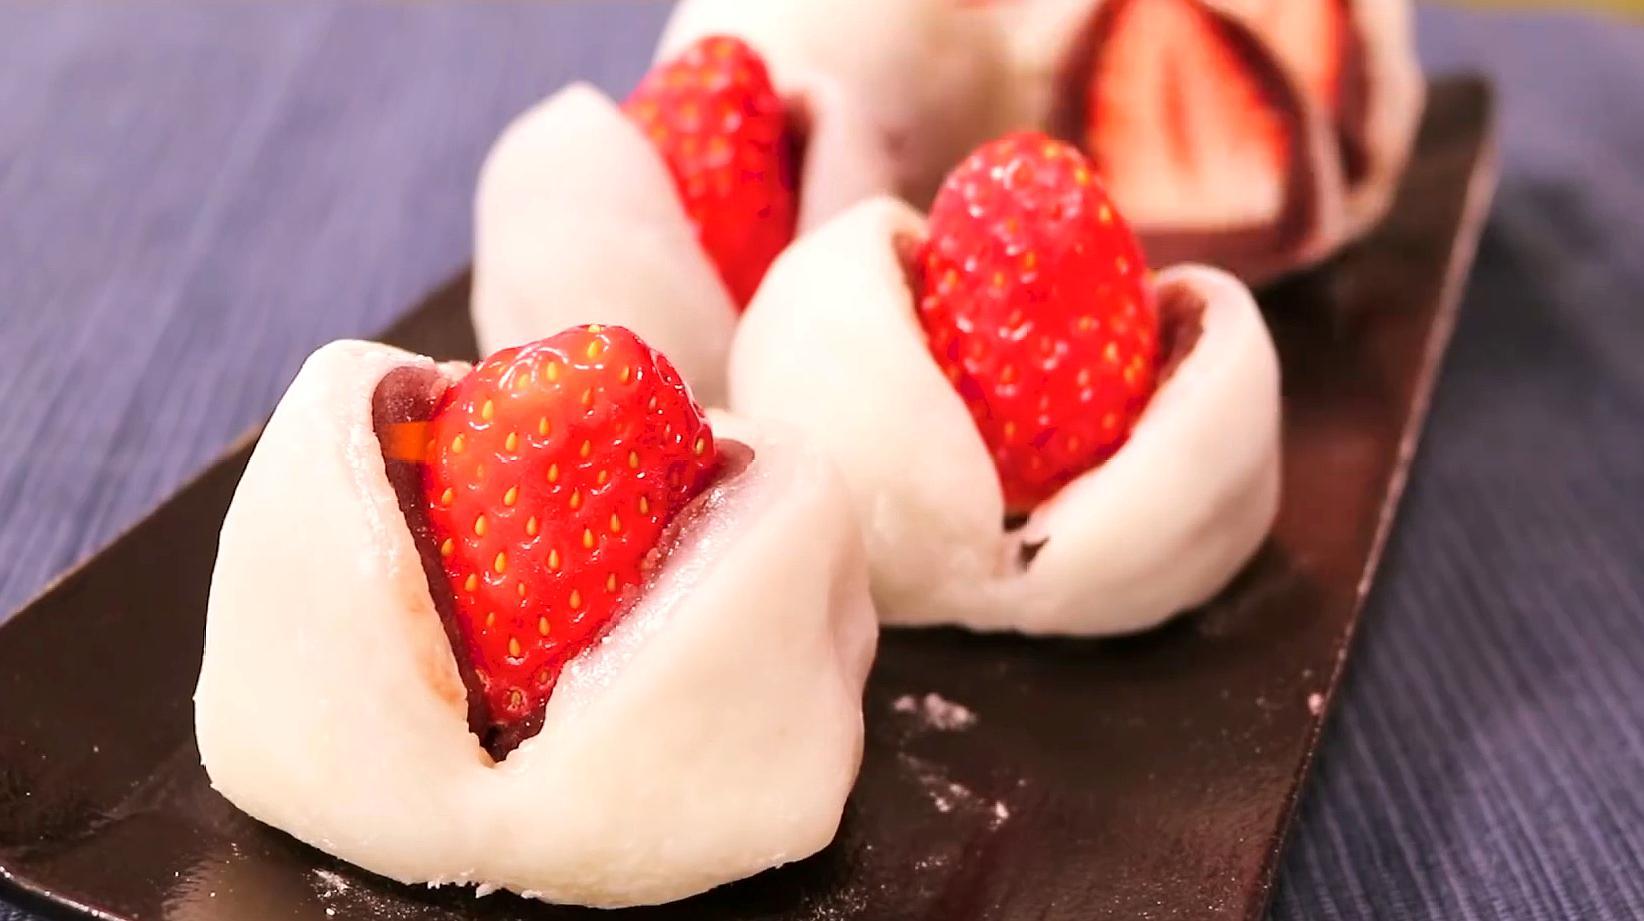 4草莓巧克力的做法  00:42  来源:好看视频-别再惦记无印良品的草莓